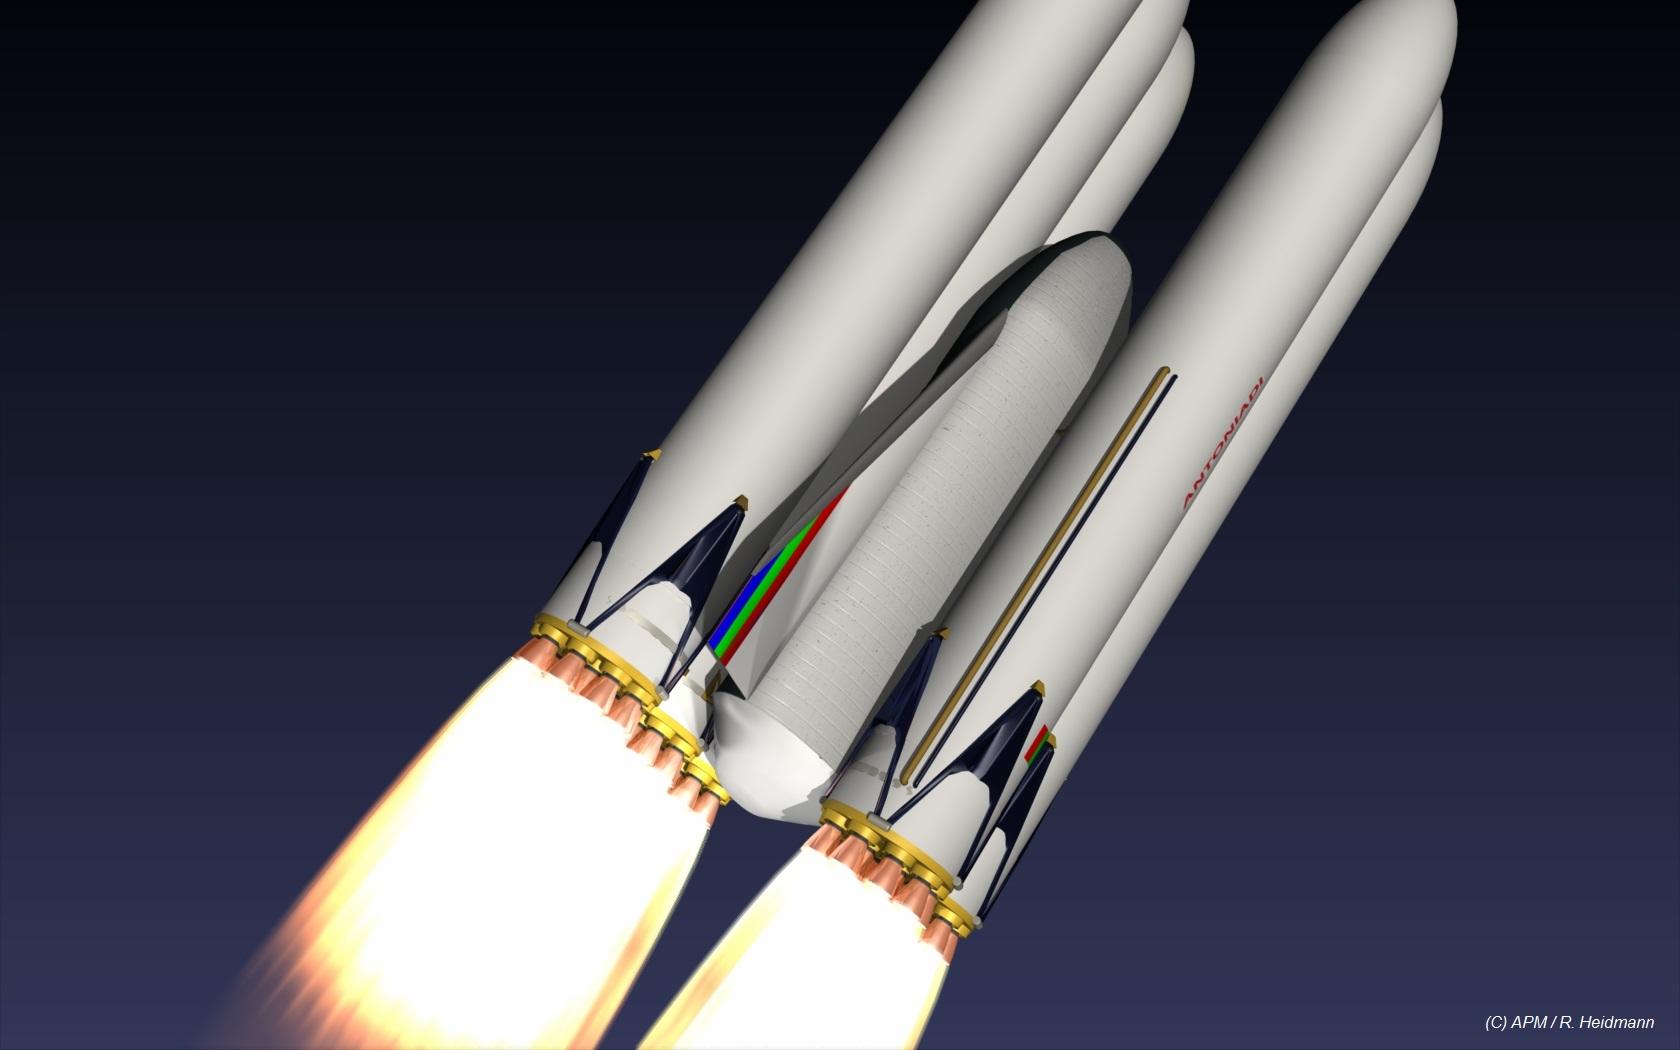 Déposer 100 T de charge utile sur Mars impliquerait un lanceur capable de 650 à 700 T en orbite terrestre (étude APM/R. Heidmann)